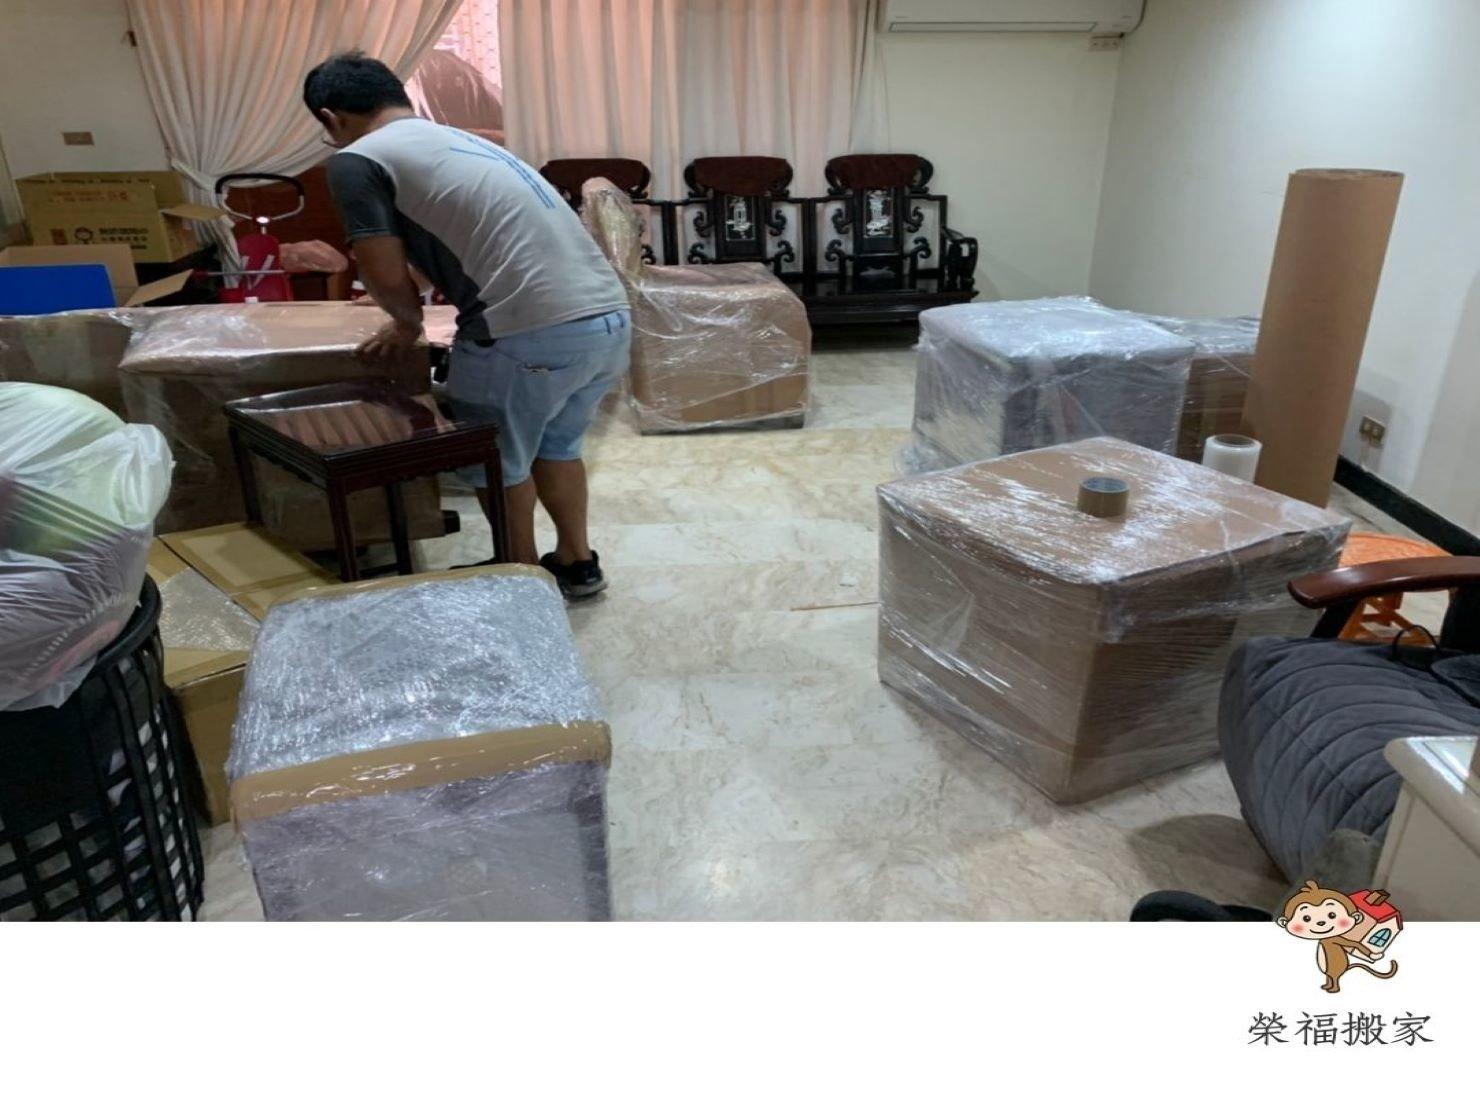 【精緻搬家實錄】家庭搬家要求精緻搬家包裝服務,隨著榮福一起觀看吧